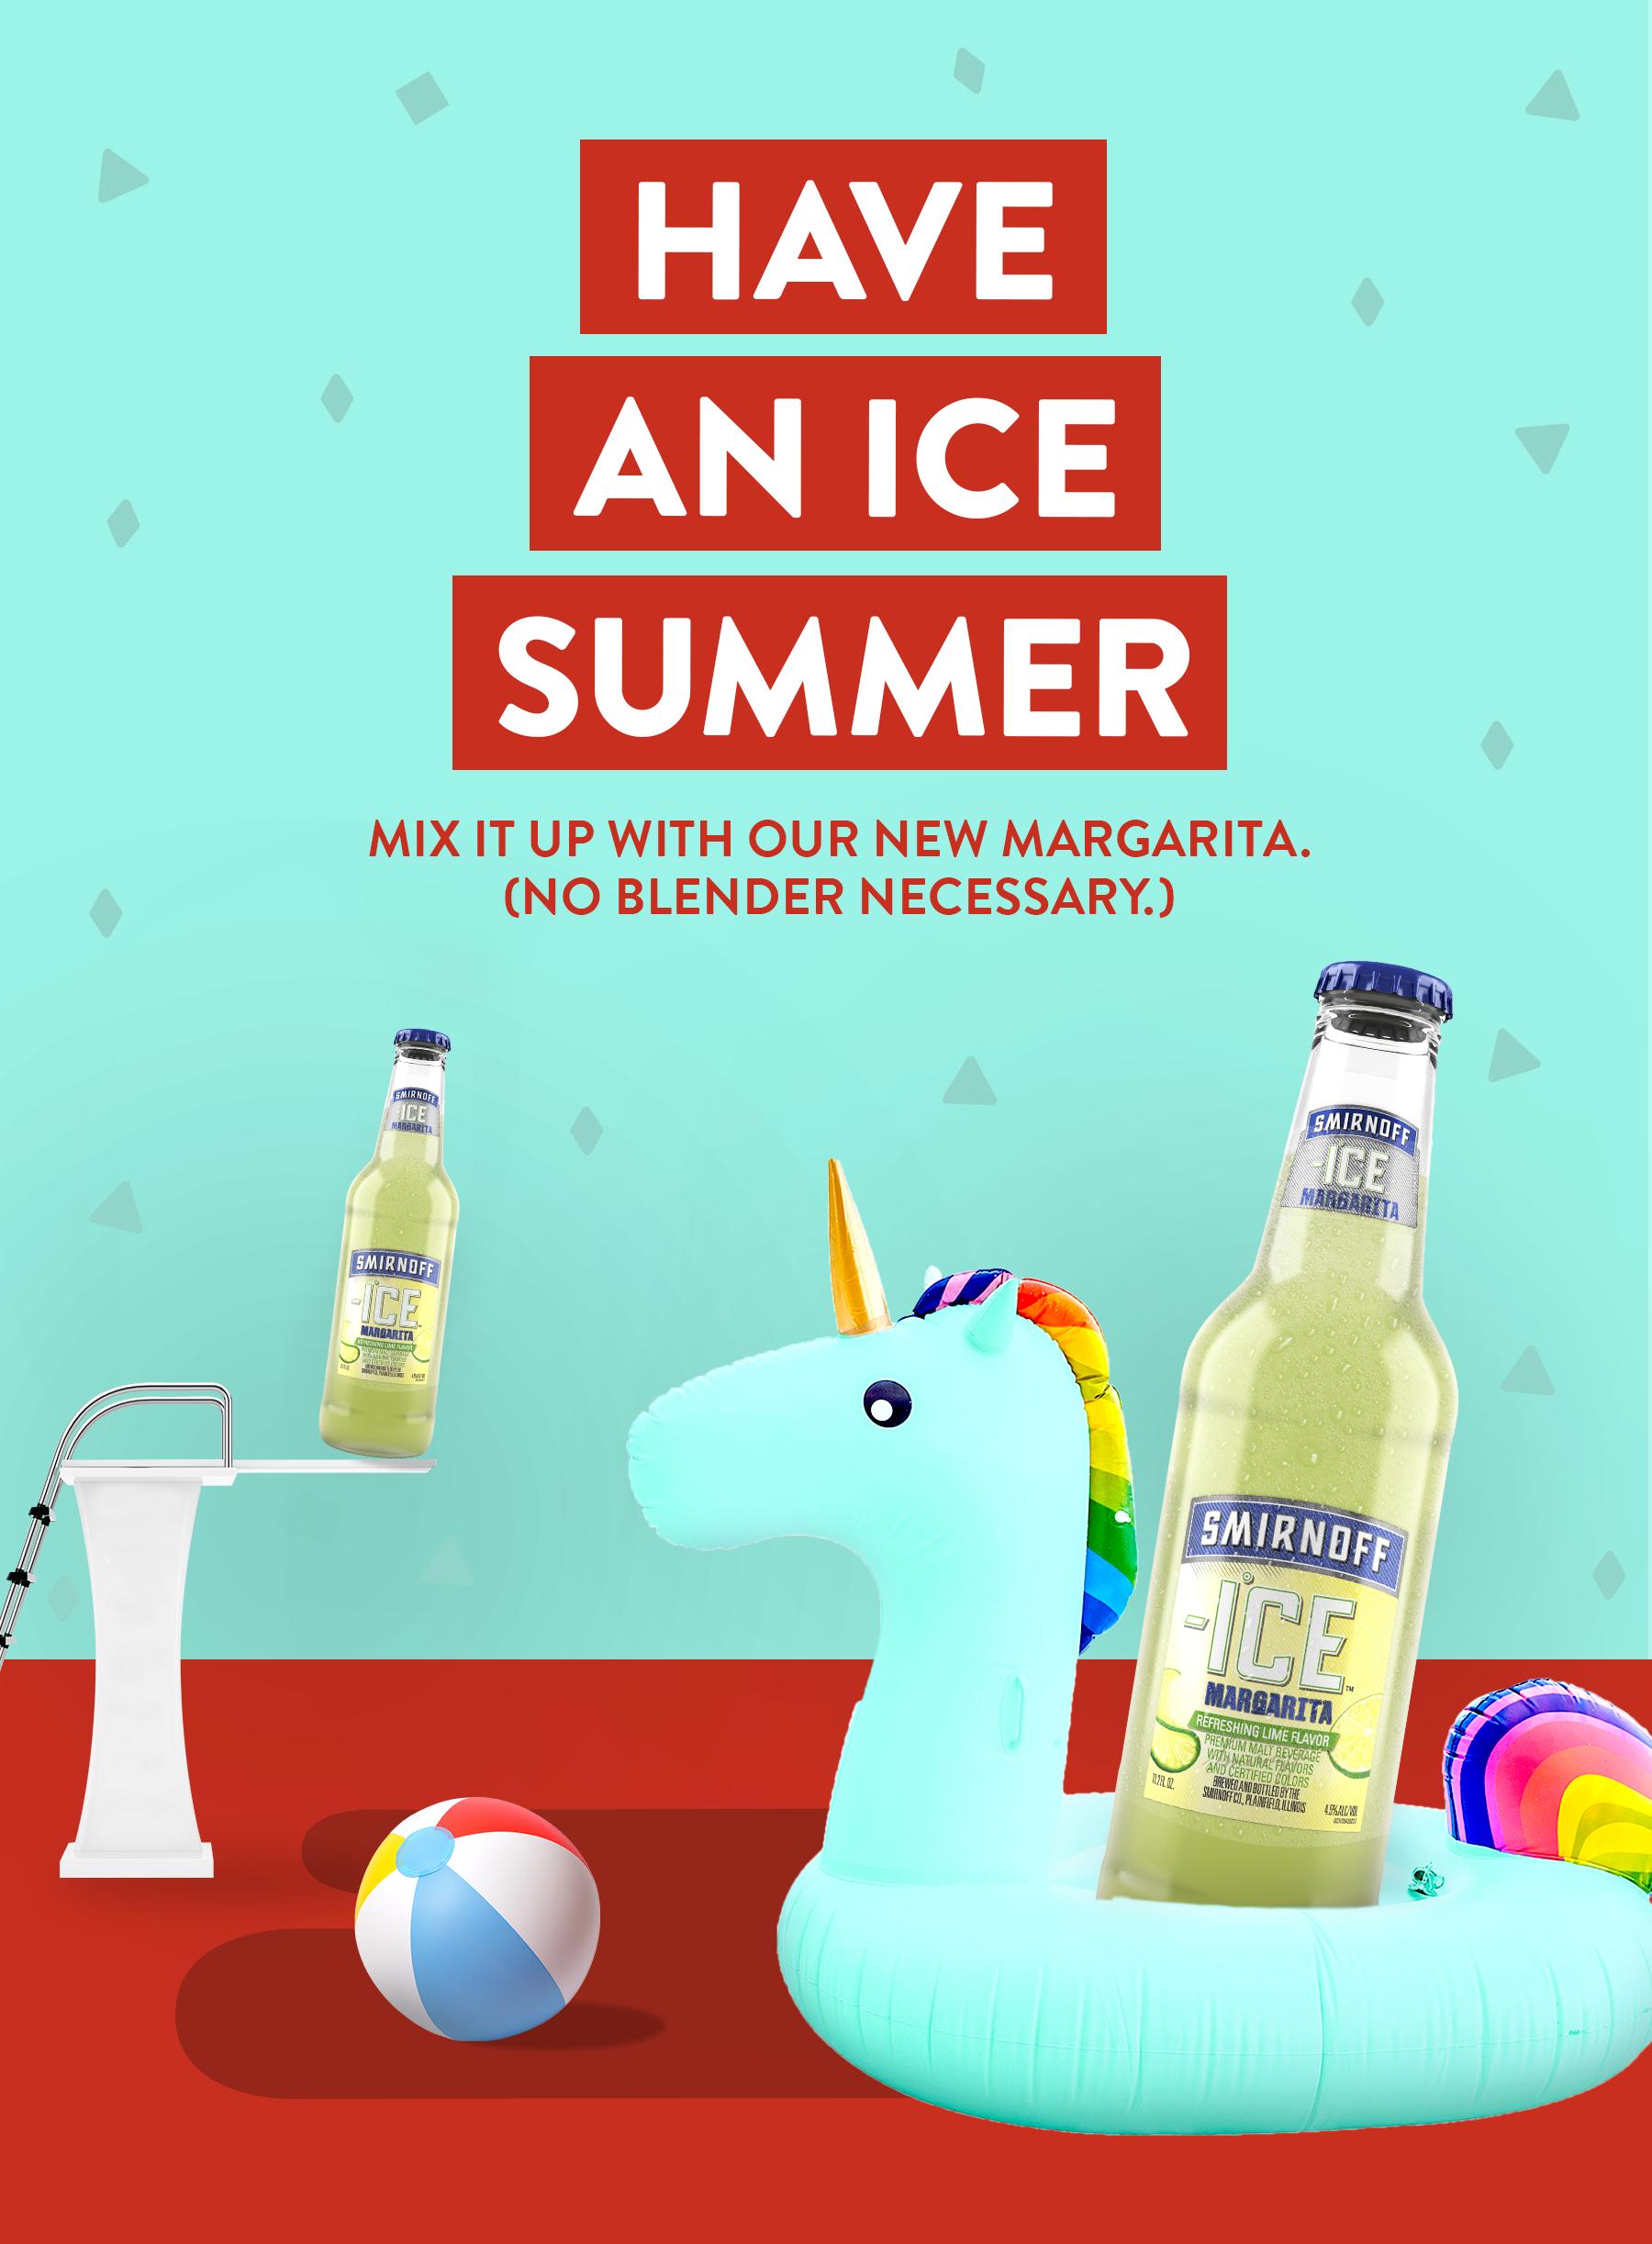 Smirnoff Ice Summer Layout_Margarita.png